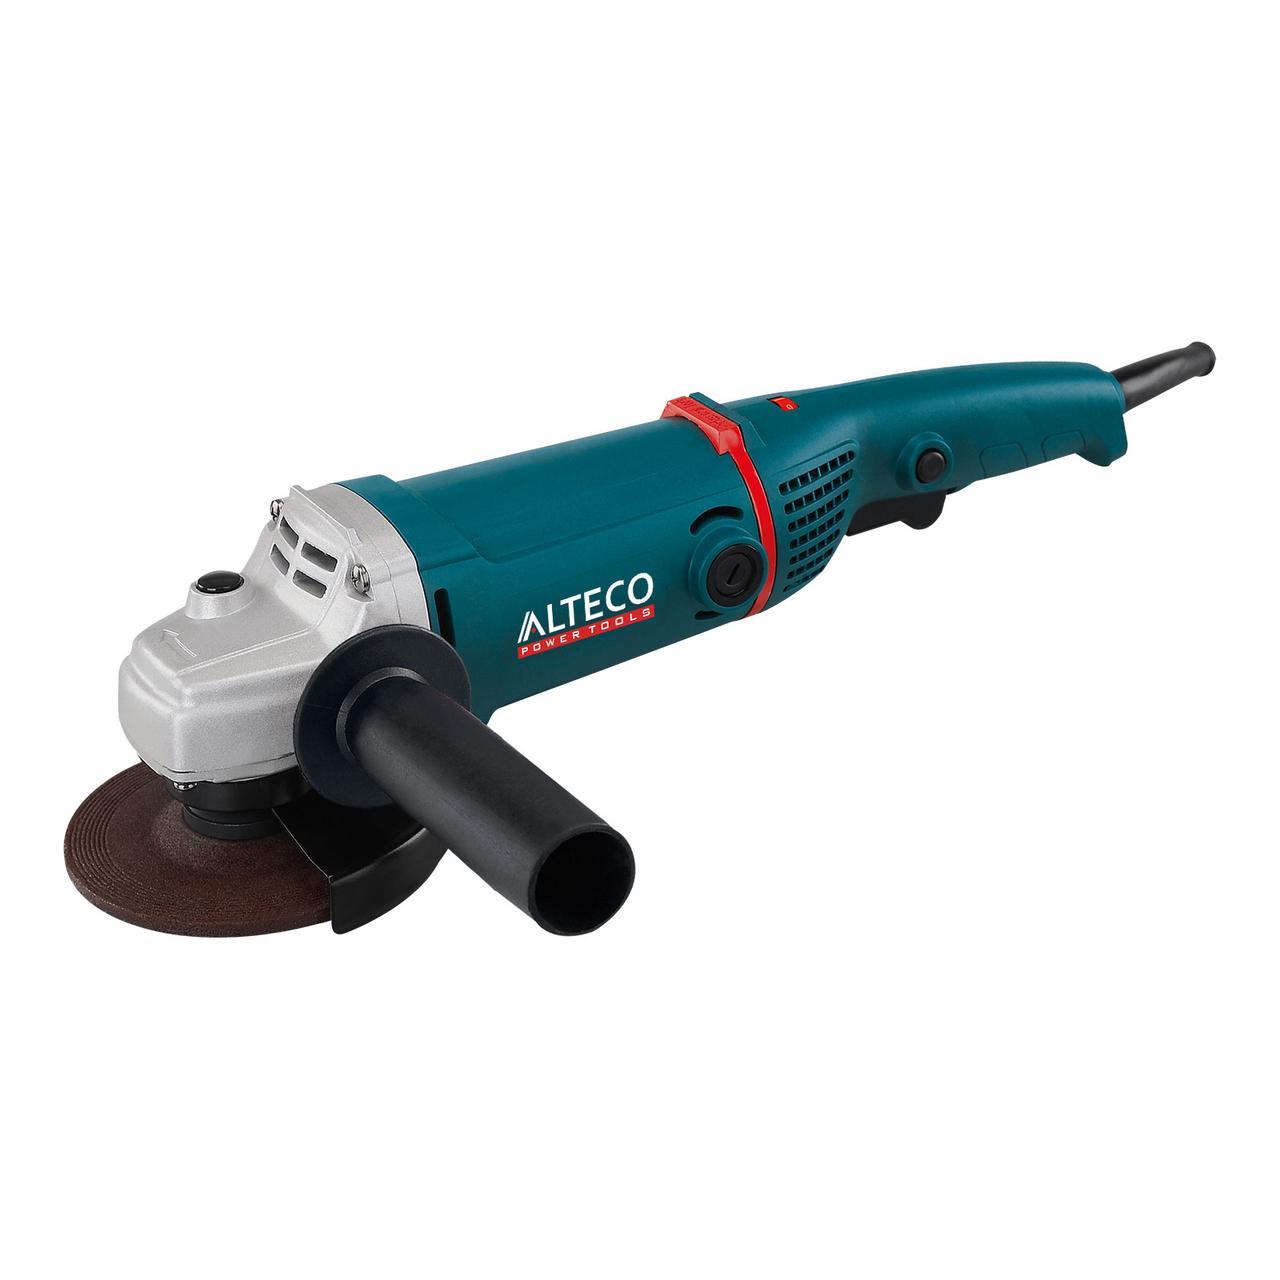 ALTECO AG 1300-125 Угловая шлифмашина